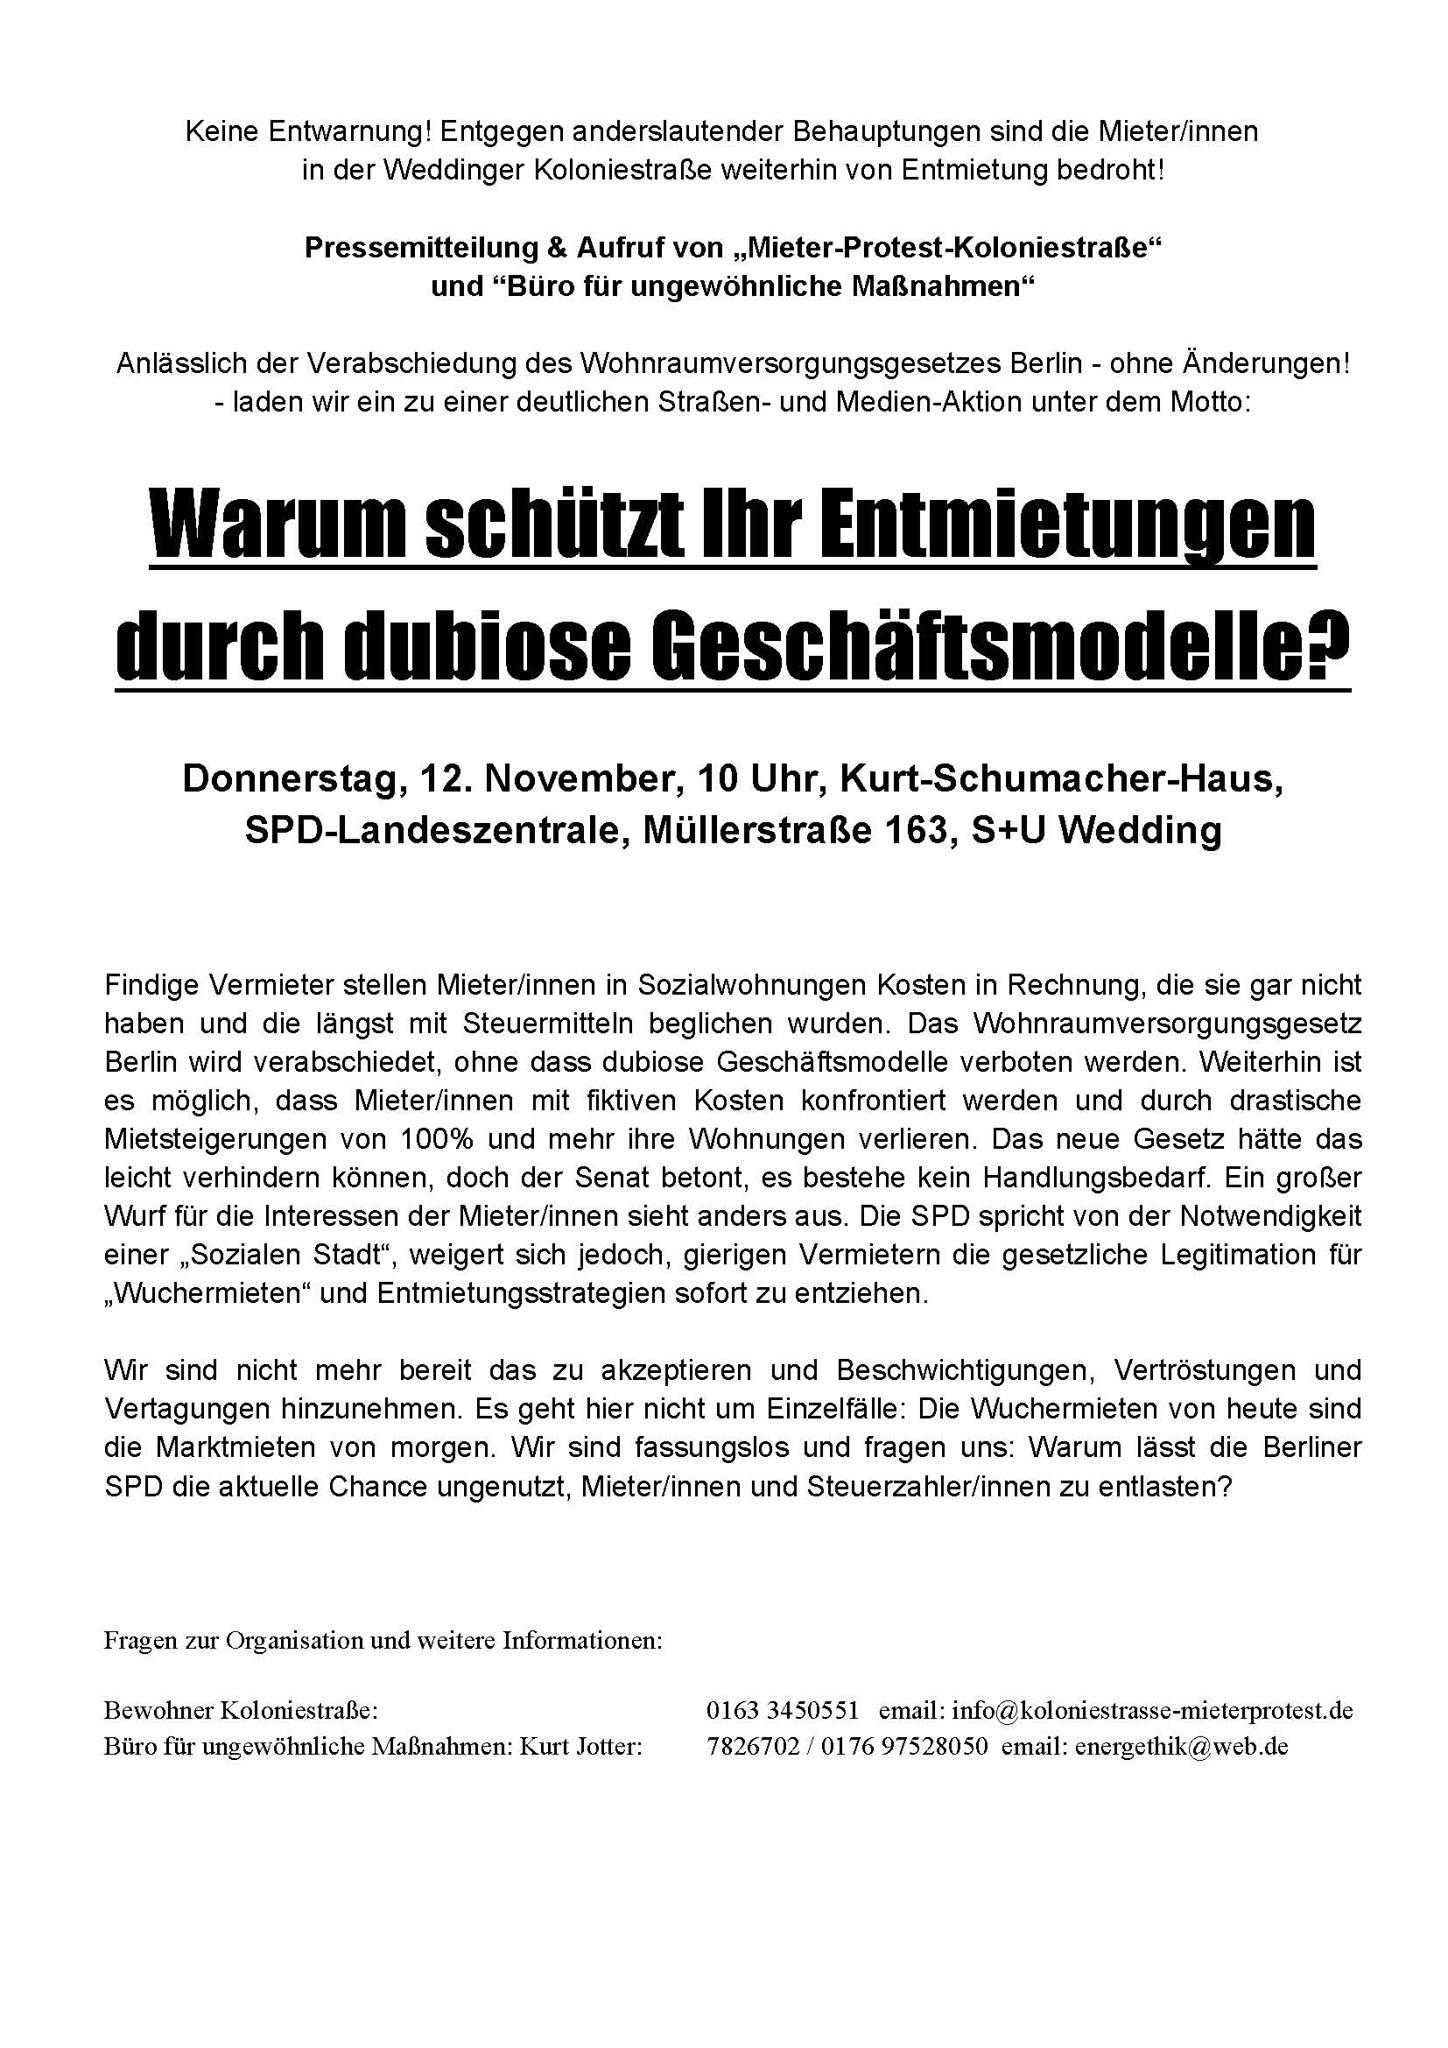 Koloniestr_Protest_SPD-Zentrale_12-11-2015